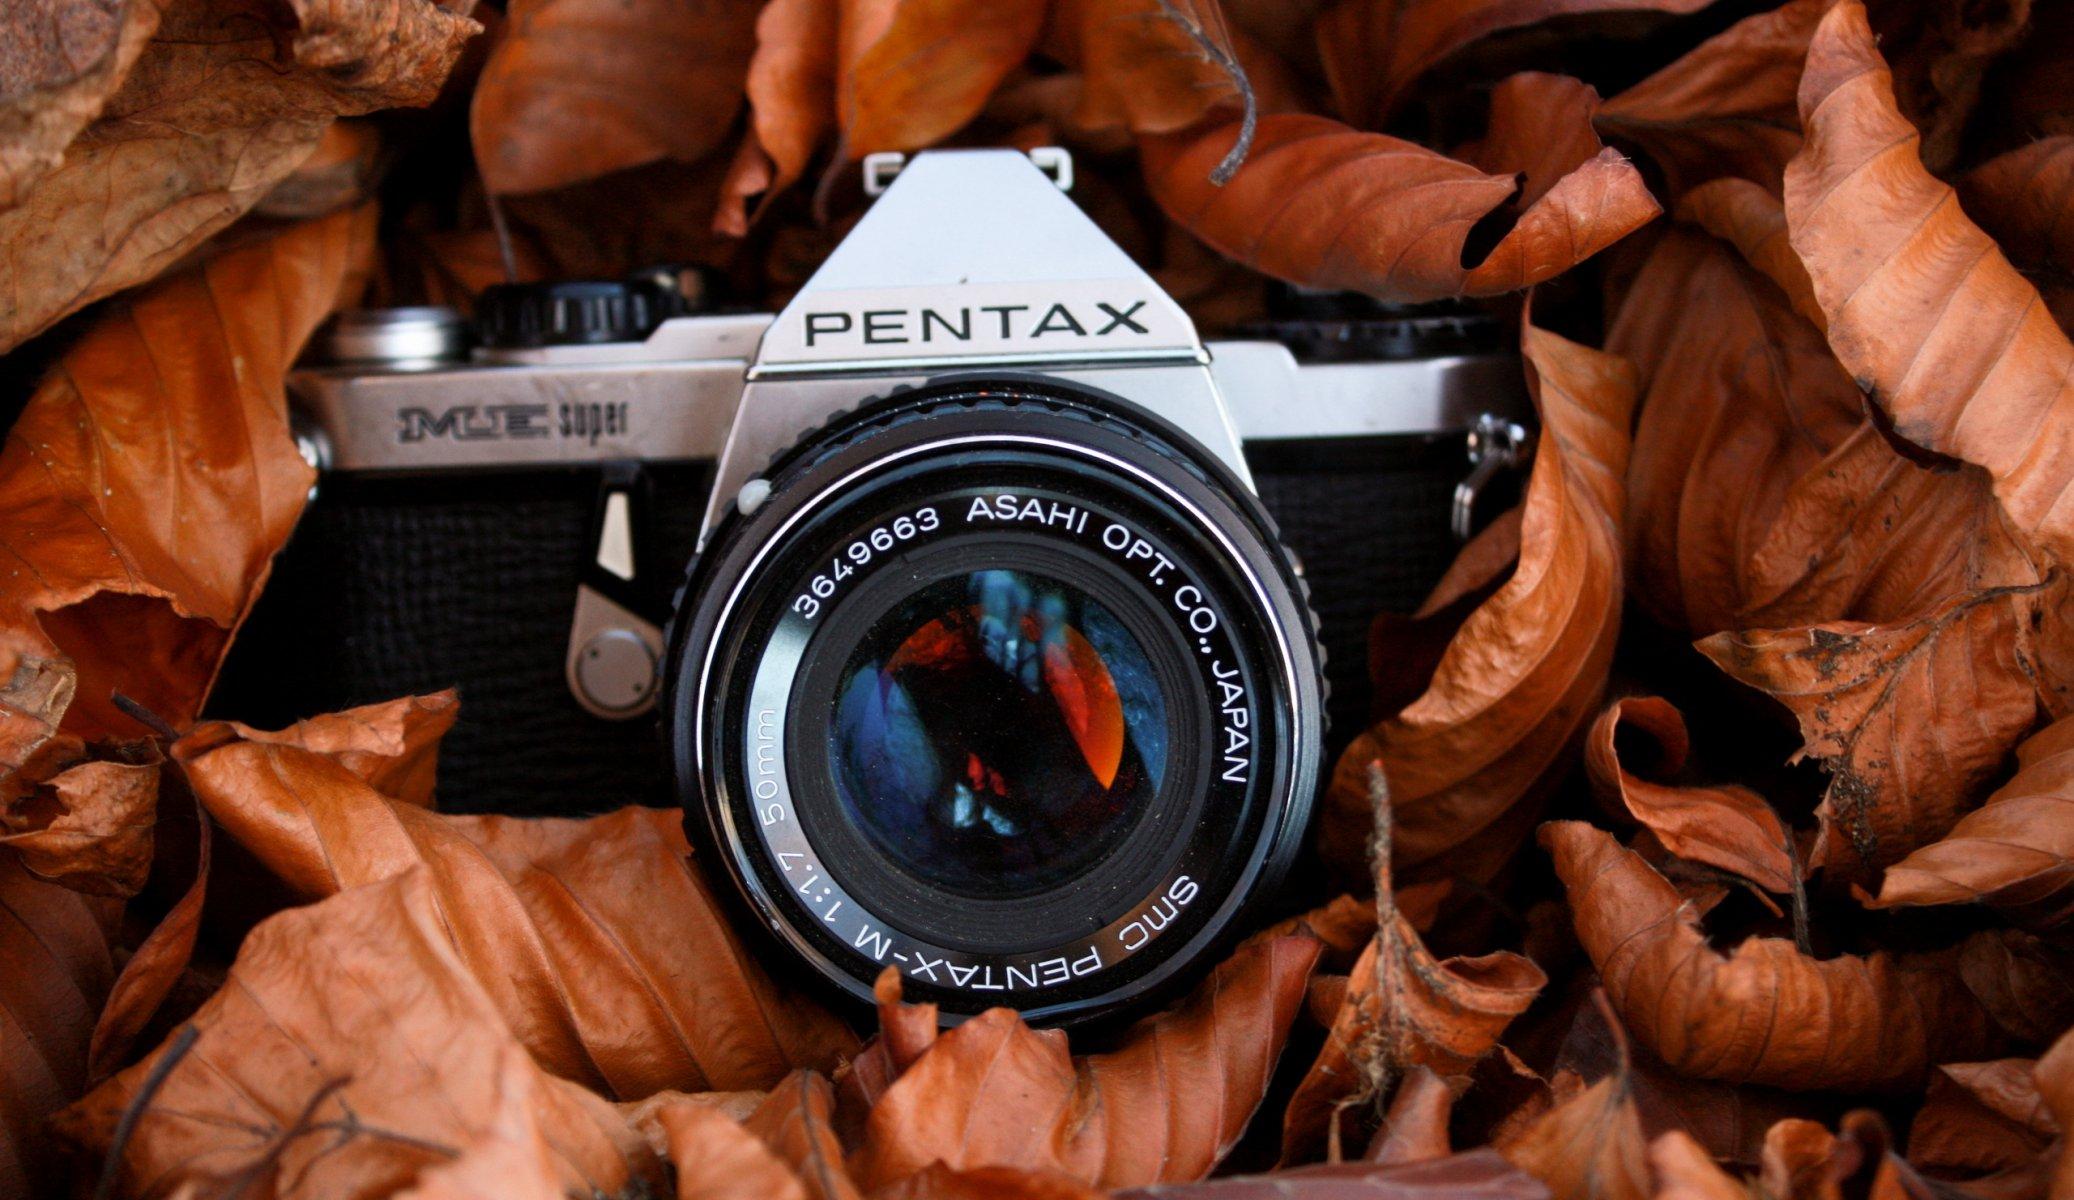 метод является фоны для фотографов в самаре конечно так